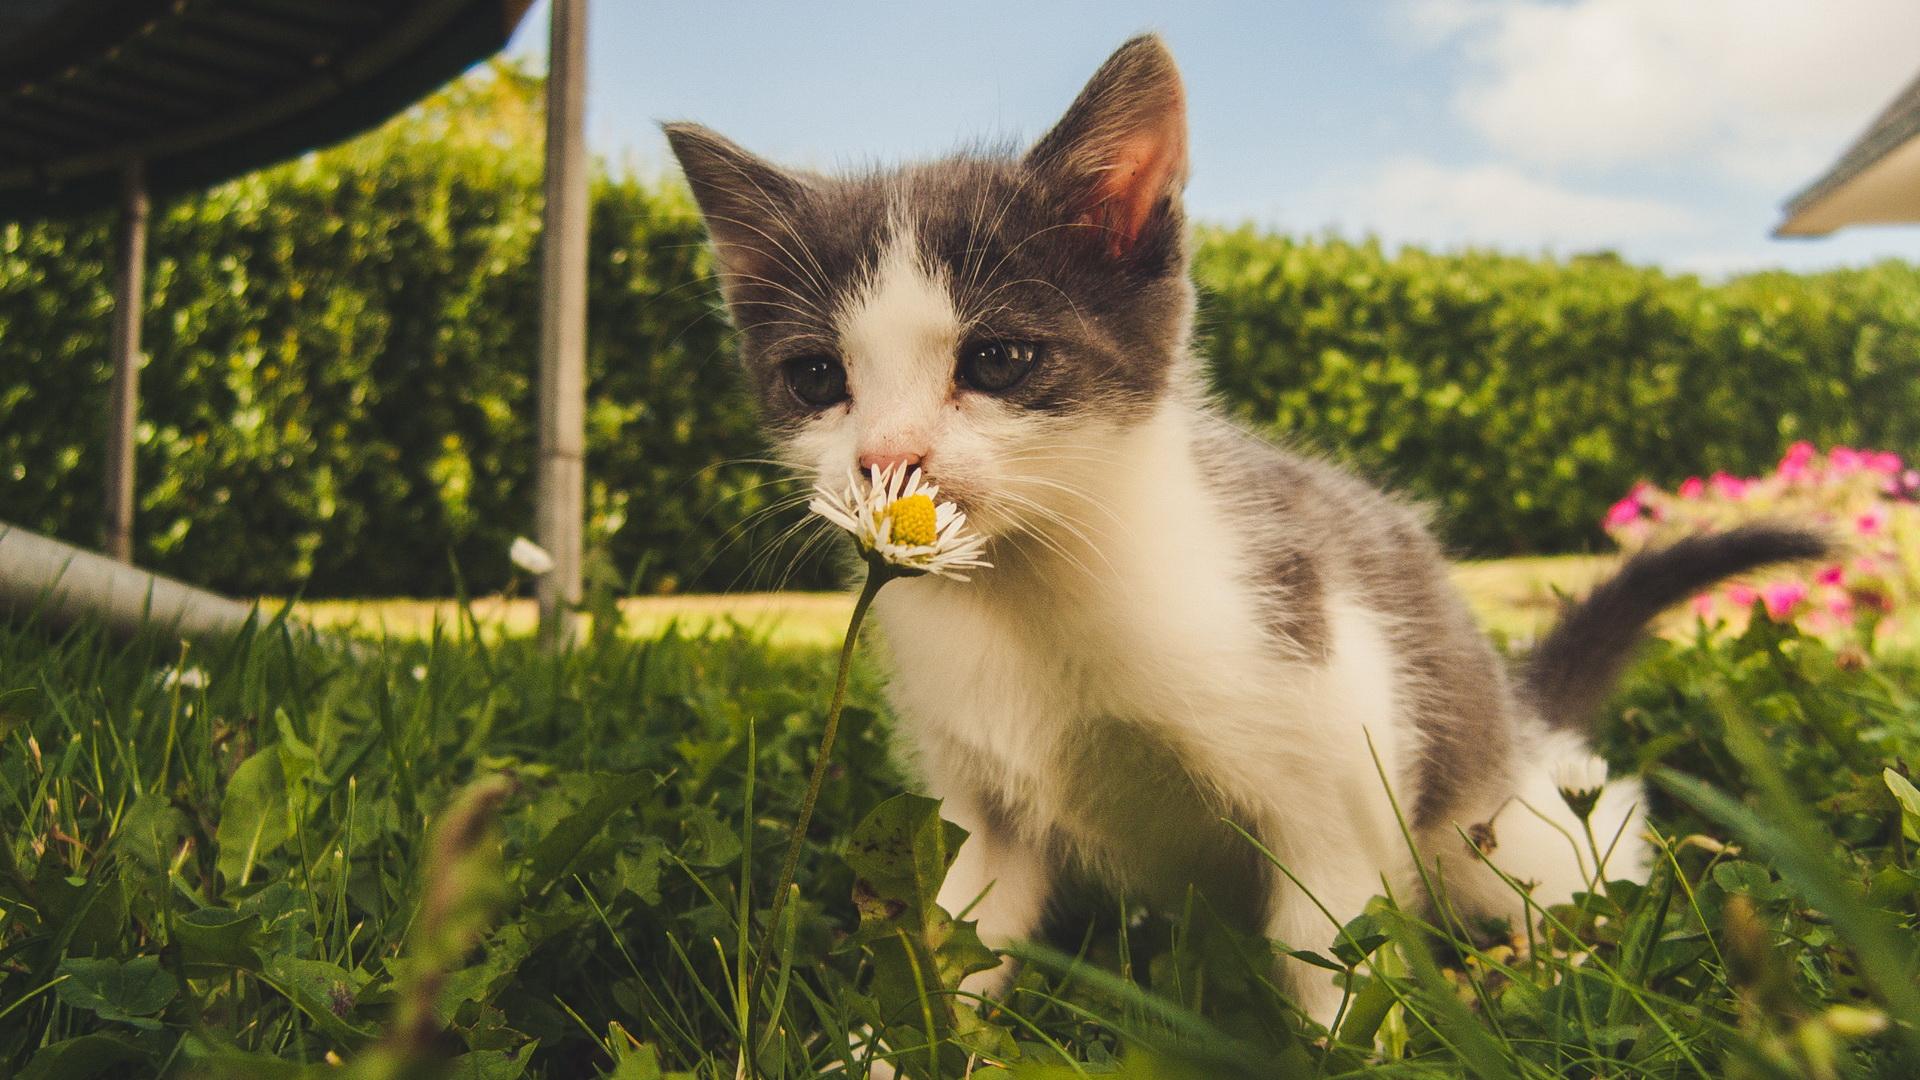 Mačka kao ljubimac miriše cveće u bašti